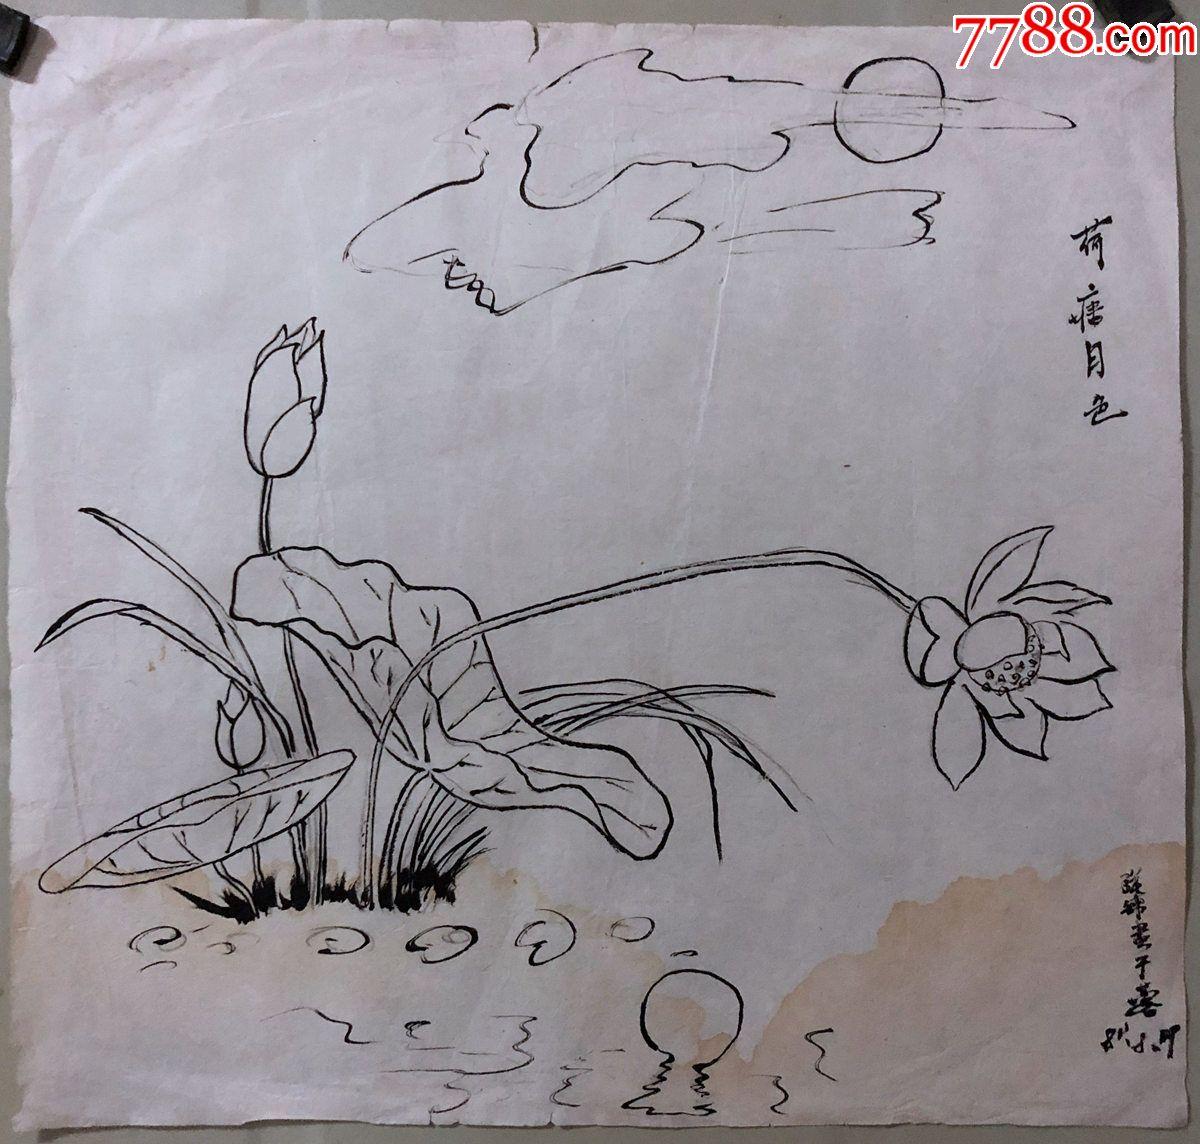 国画原作,475,张书珺,工笔白描稿,花鸟画,荷花,1981年,有款【成都故纸